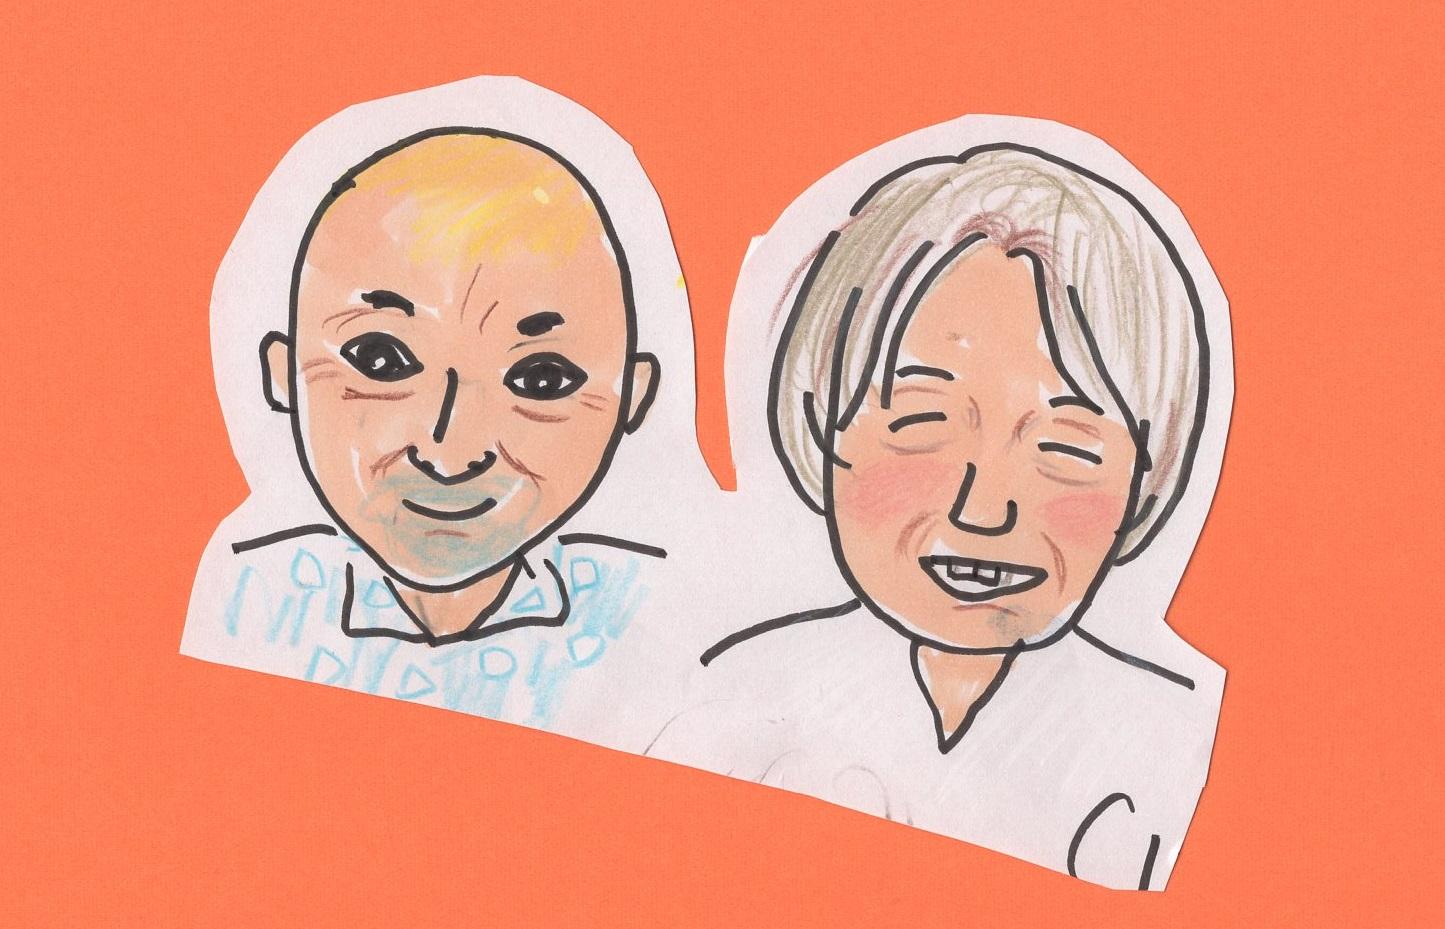 中川角司さんと下野誠一郎さんに会ってきた